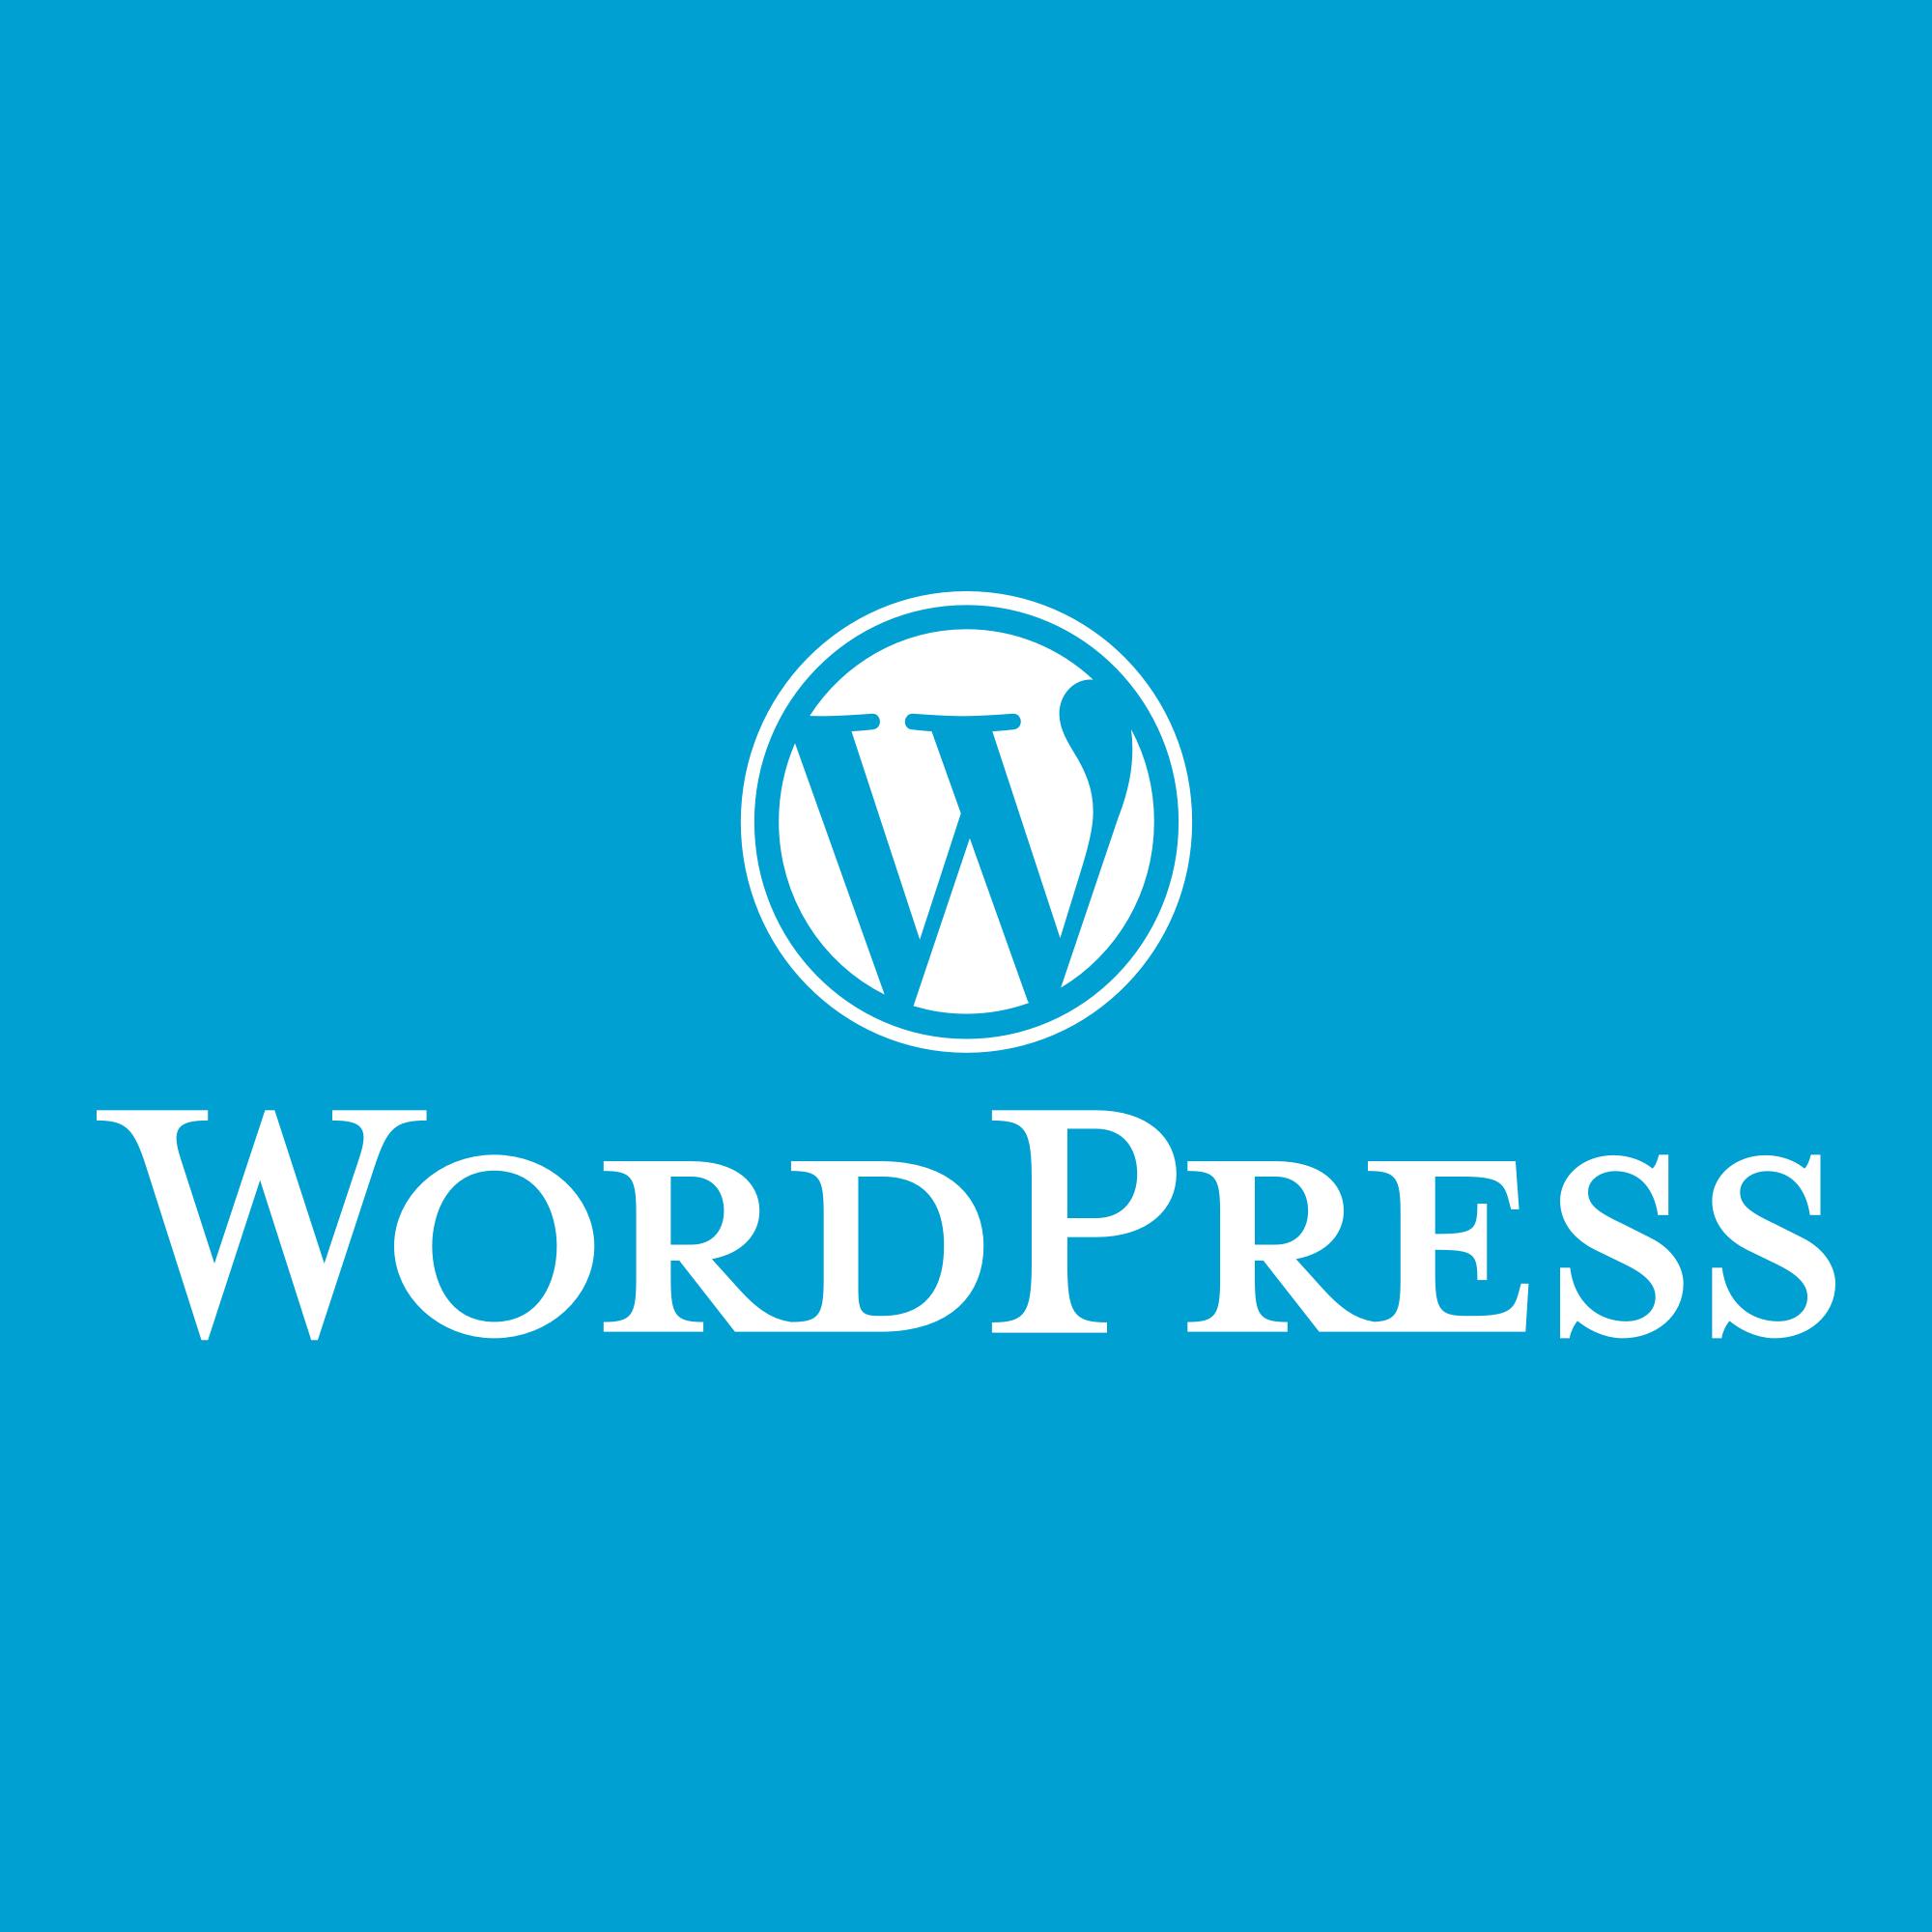 WordPress.com ile WordPress.org Farkları Nelerdir?